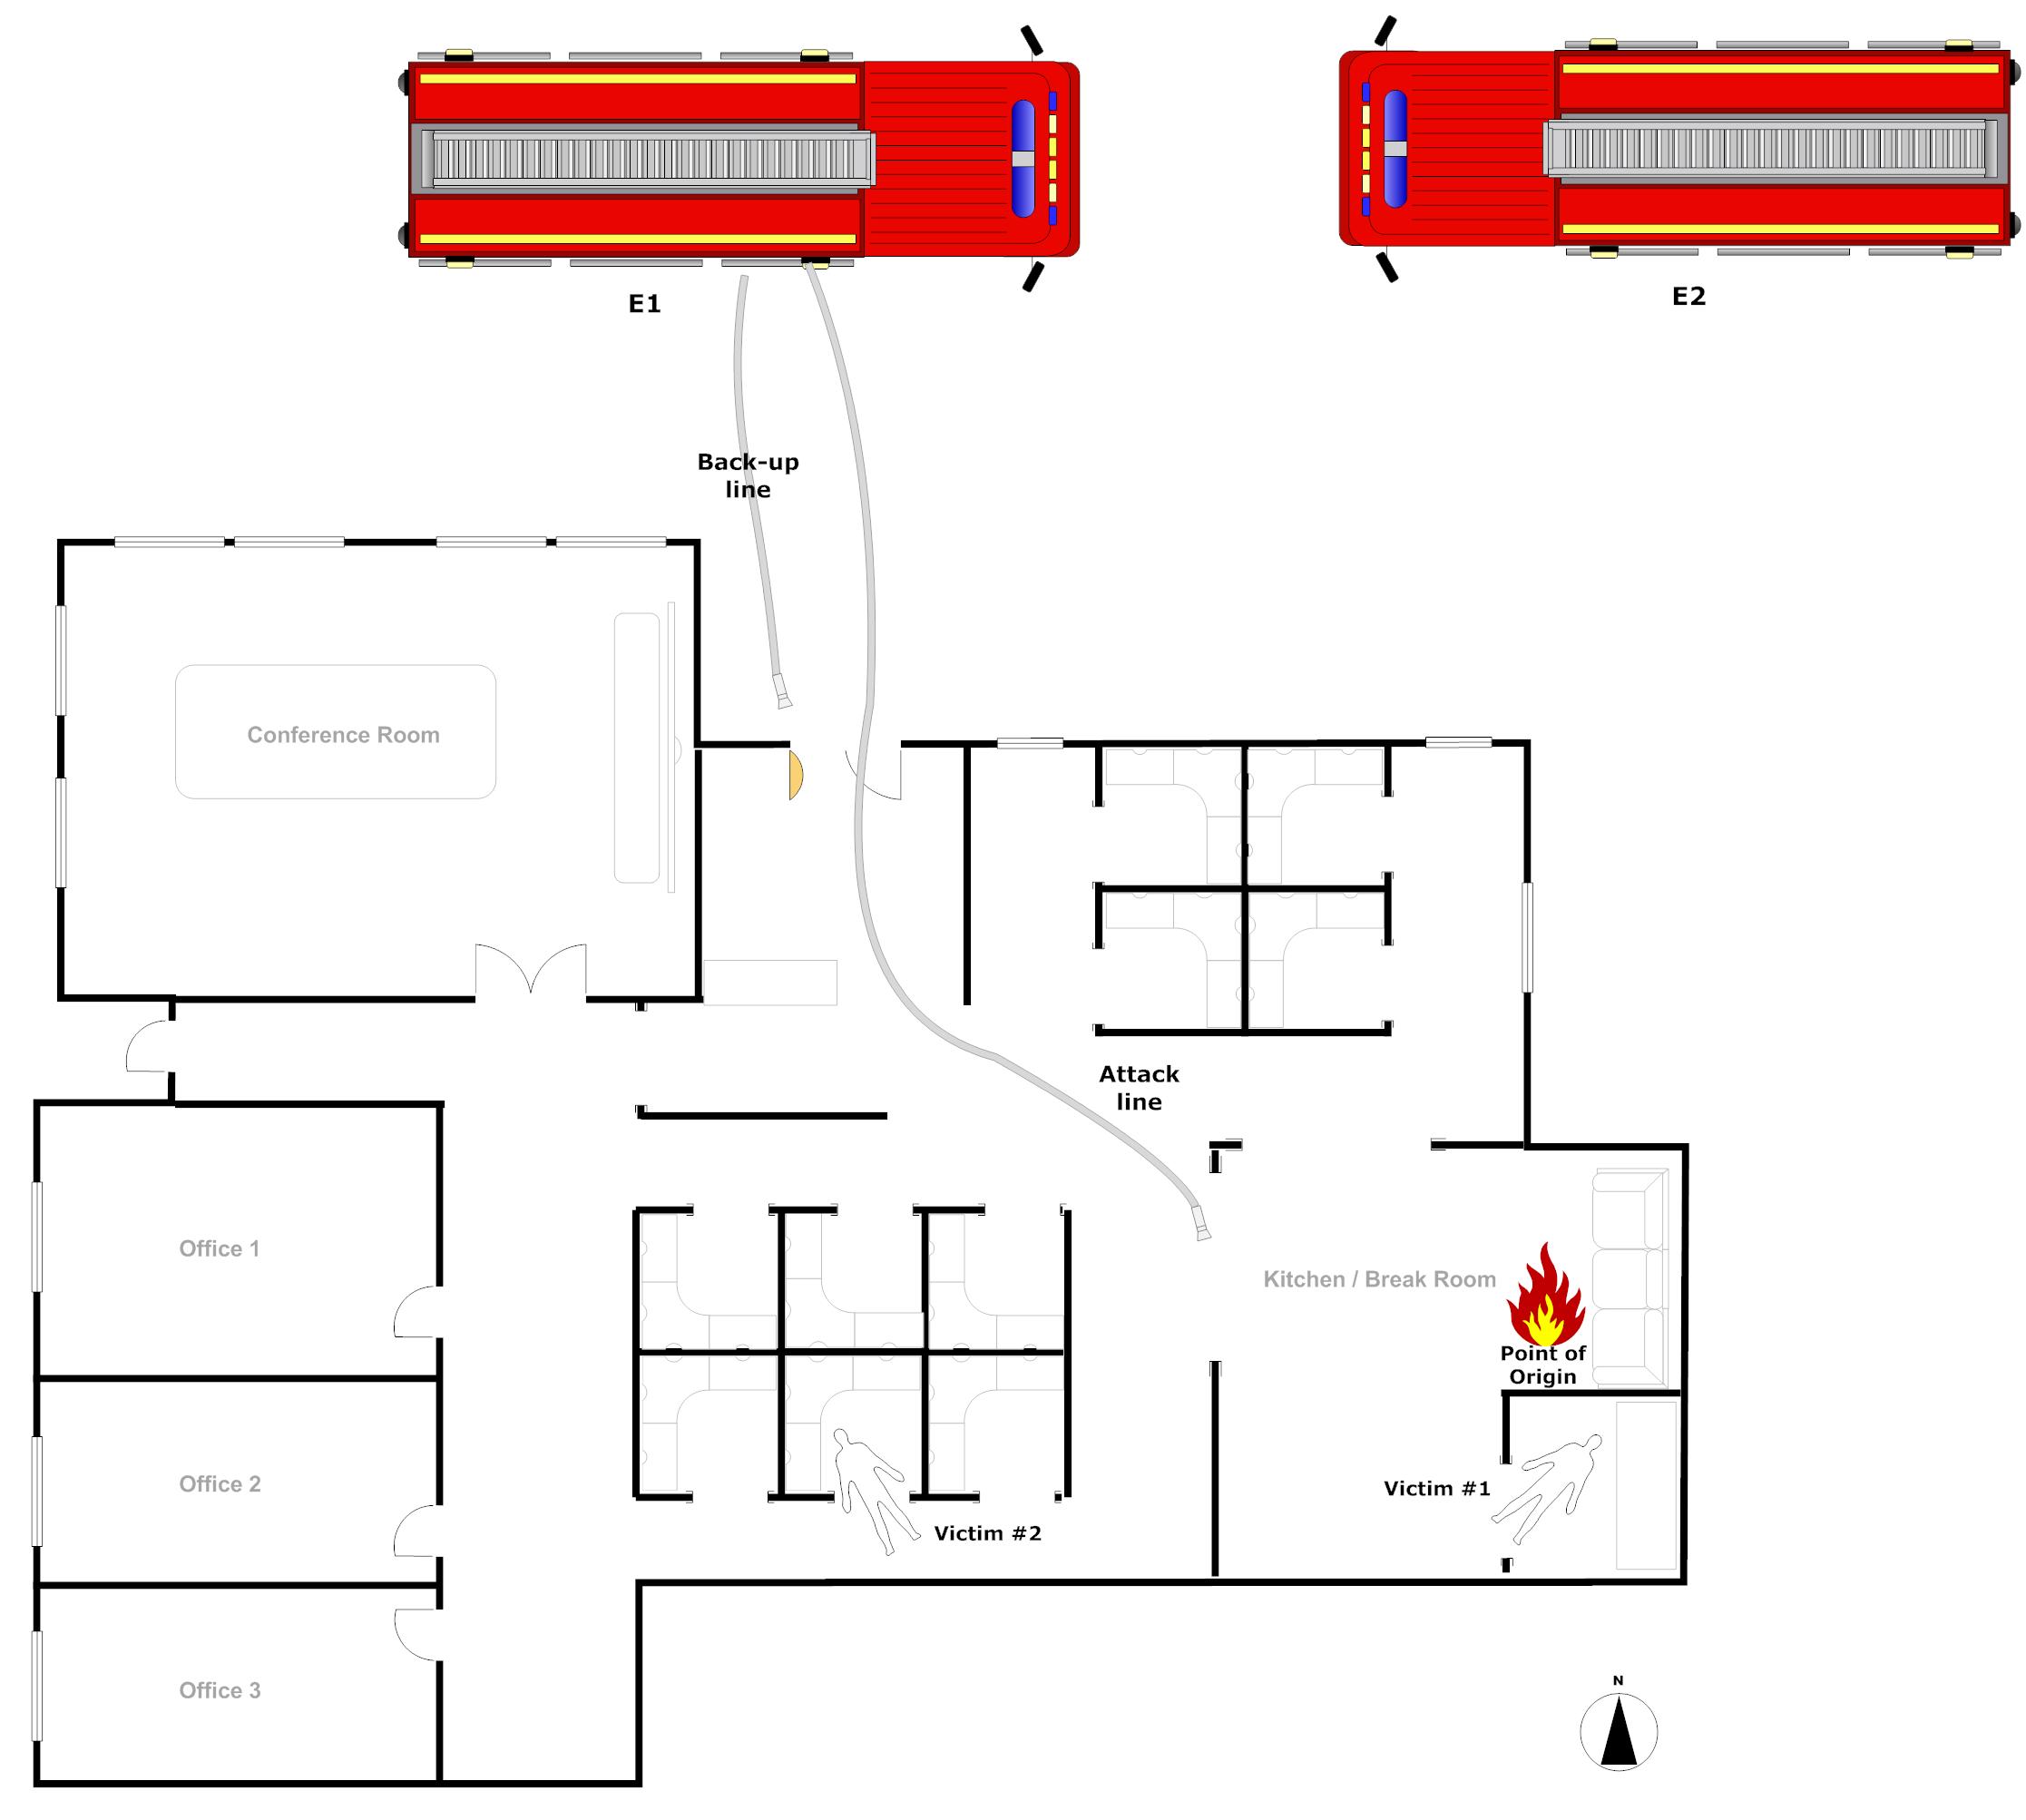 Fire scene diagram